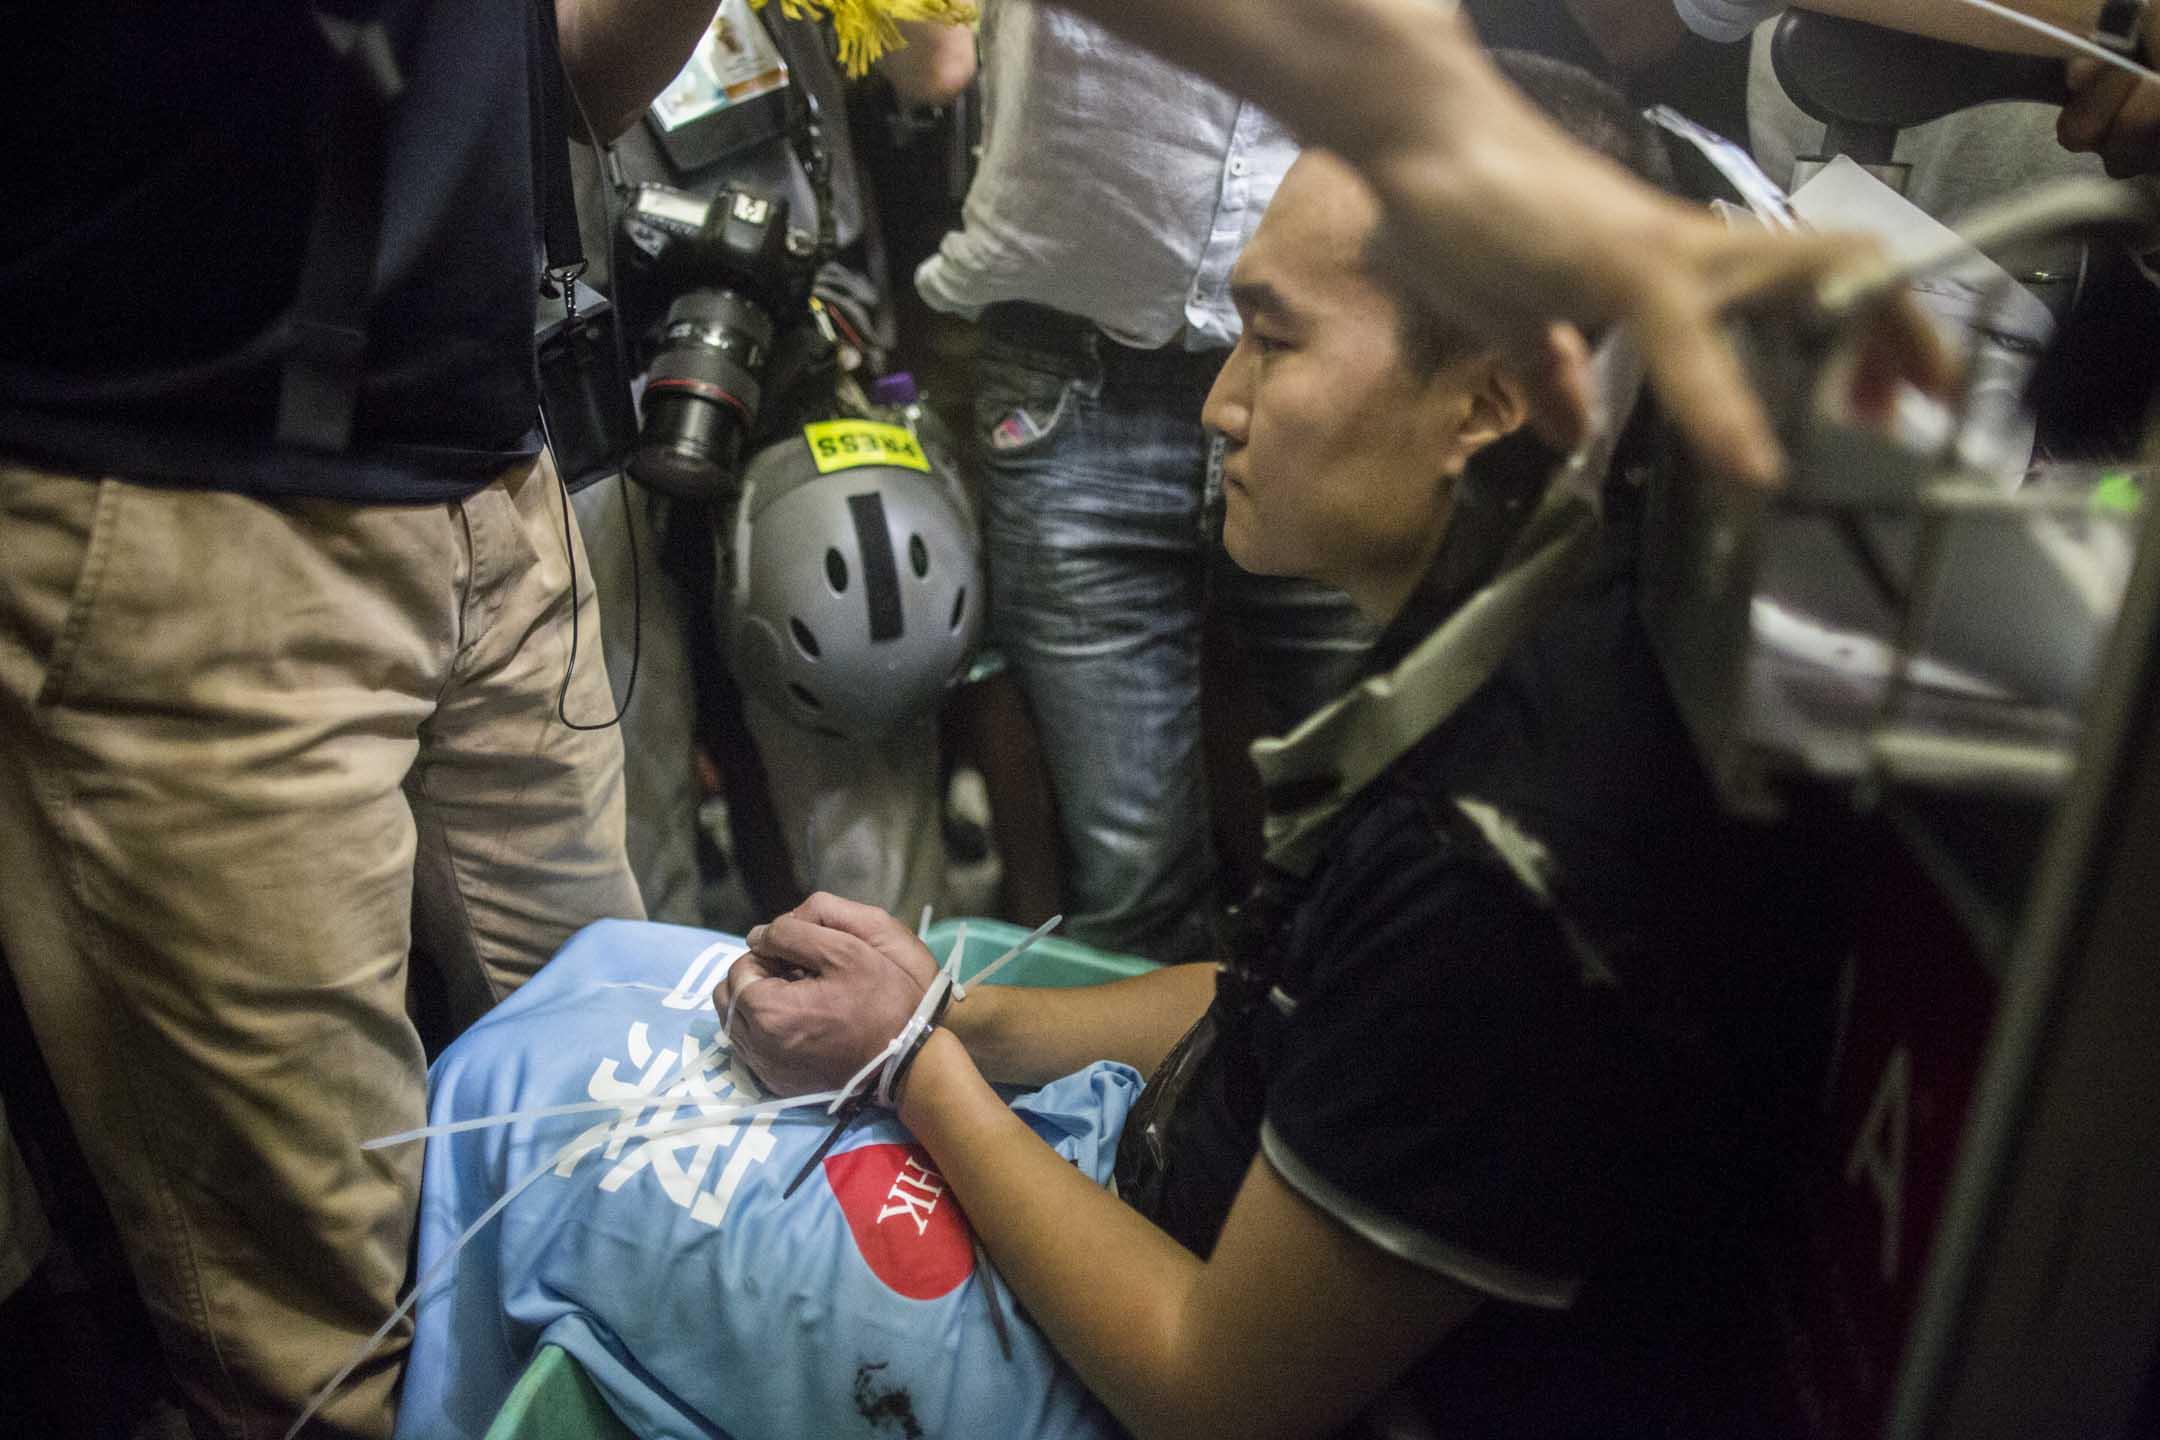 2019年8月13日晚上,一名自稱旅客的內地男子,其後被證實為《環球時報》記者付國豪,被示威者用膠索帶綁著手和腳,坐在行李車上。 攝:林振東/端傳媒